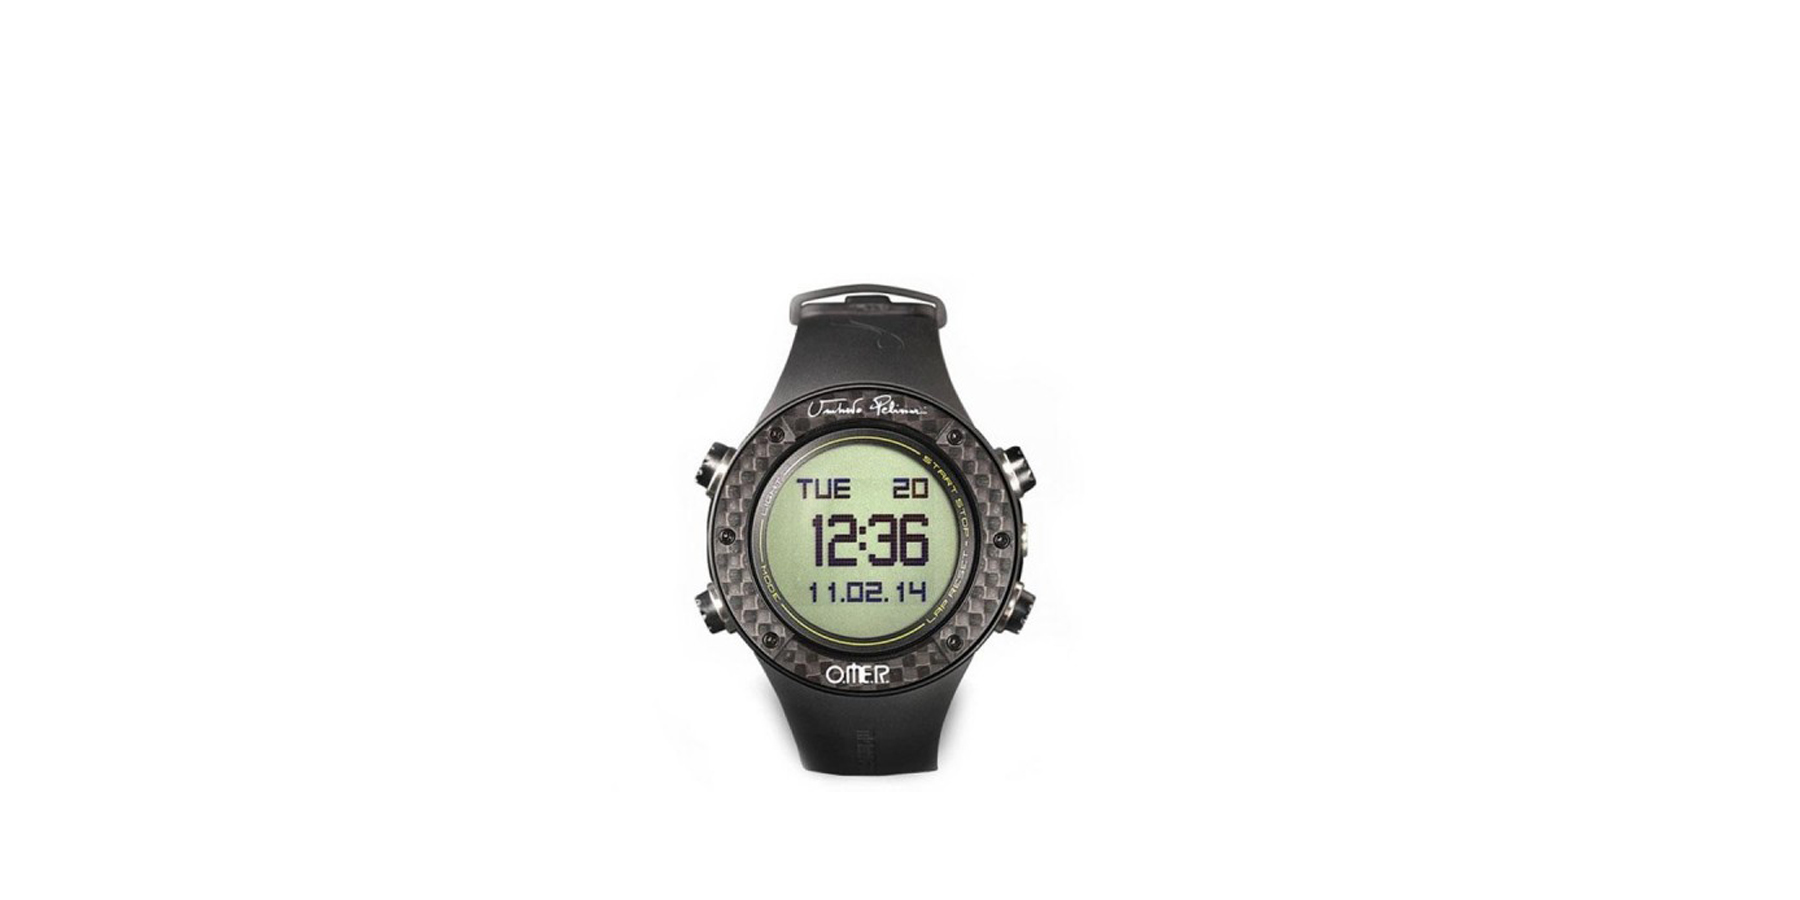 UPX1 gabarit photos couv 1800x9001 - Une montre ordinateur d'apnée complète et polyvalente